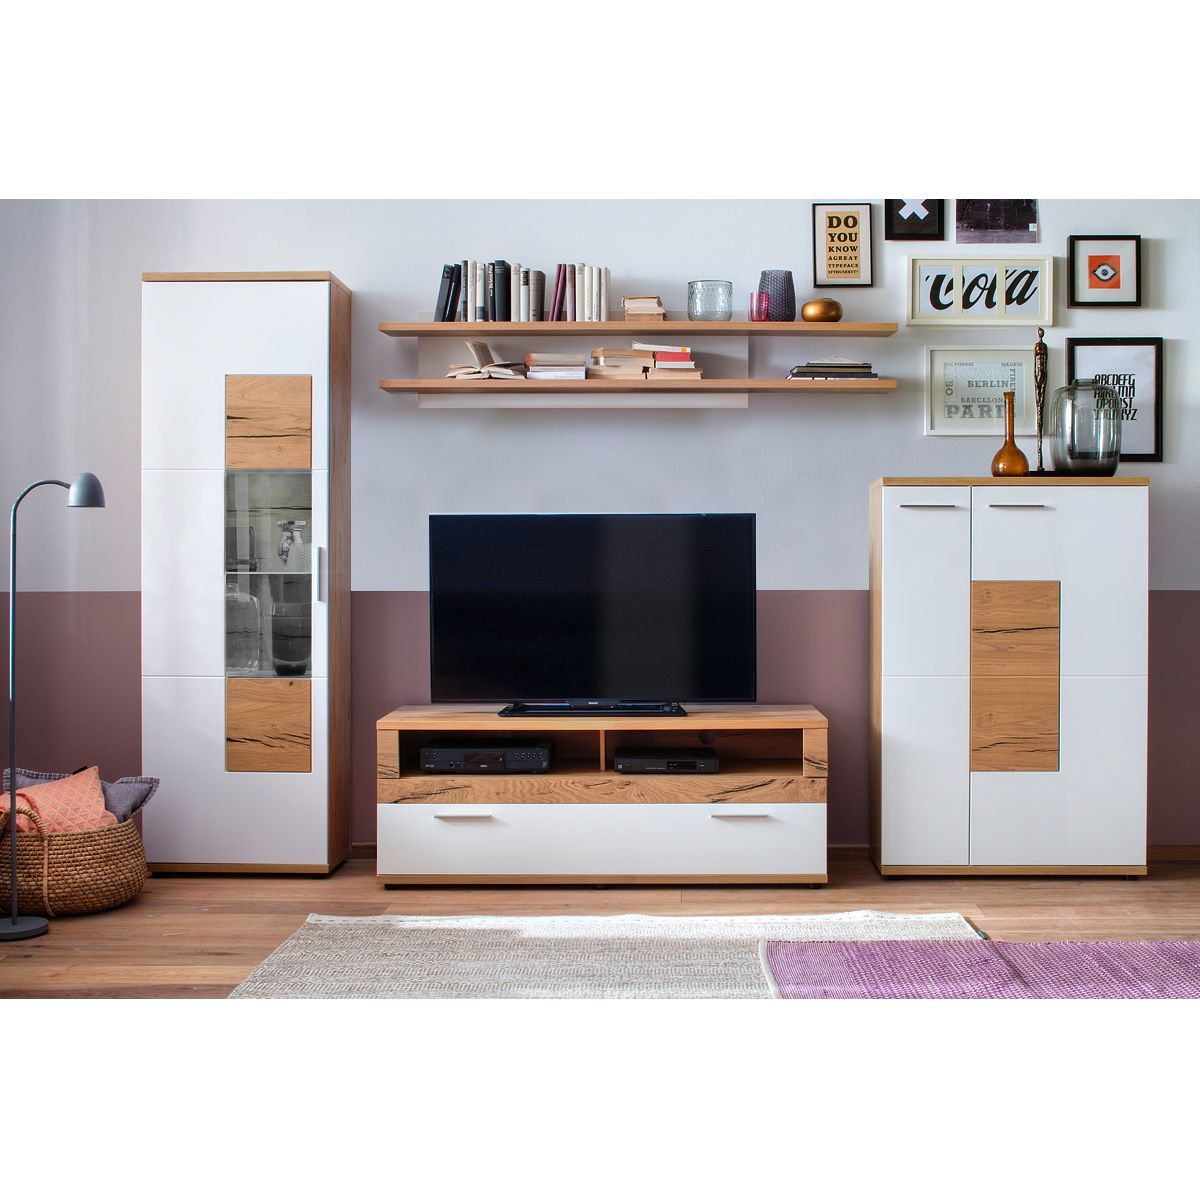 wohnwand wei preisvergleich die besten angebote online kaufen. Black Bedroom Furniture Sets. Home Design Ideas